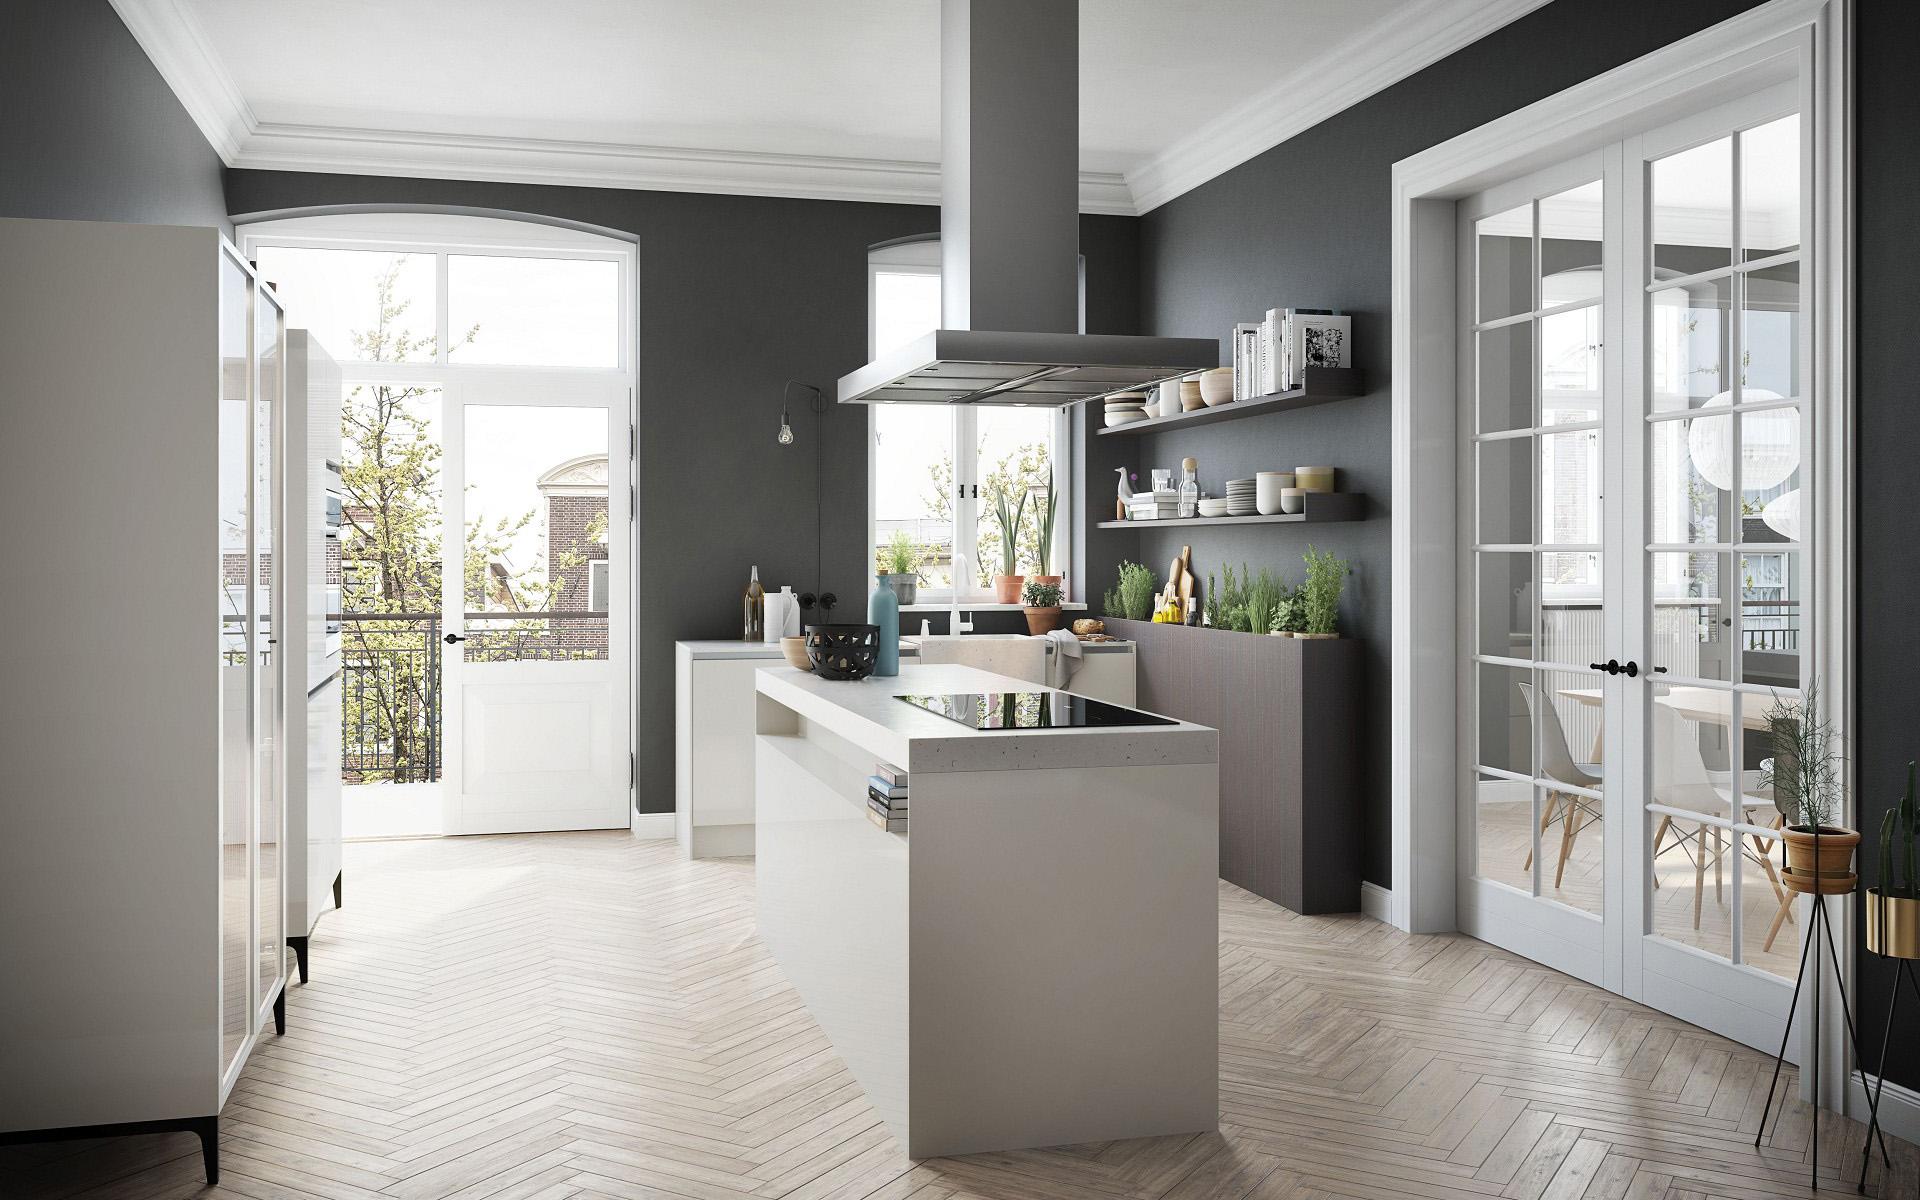 Regreso A Las Ra Ces De La Cocina En Un Ambiente Urbano # Keuken Muebles De Cocina